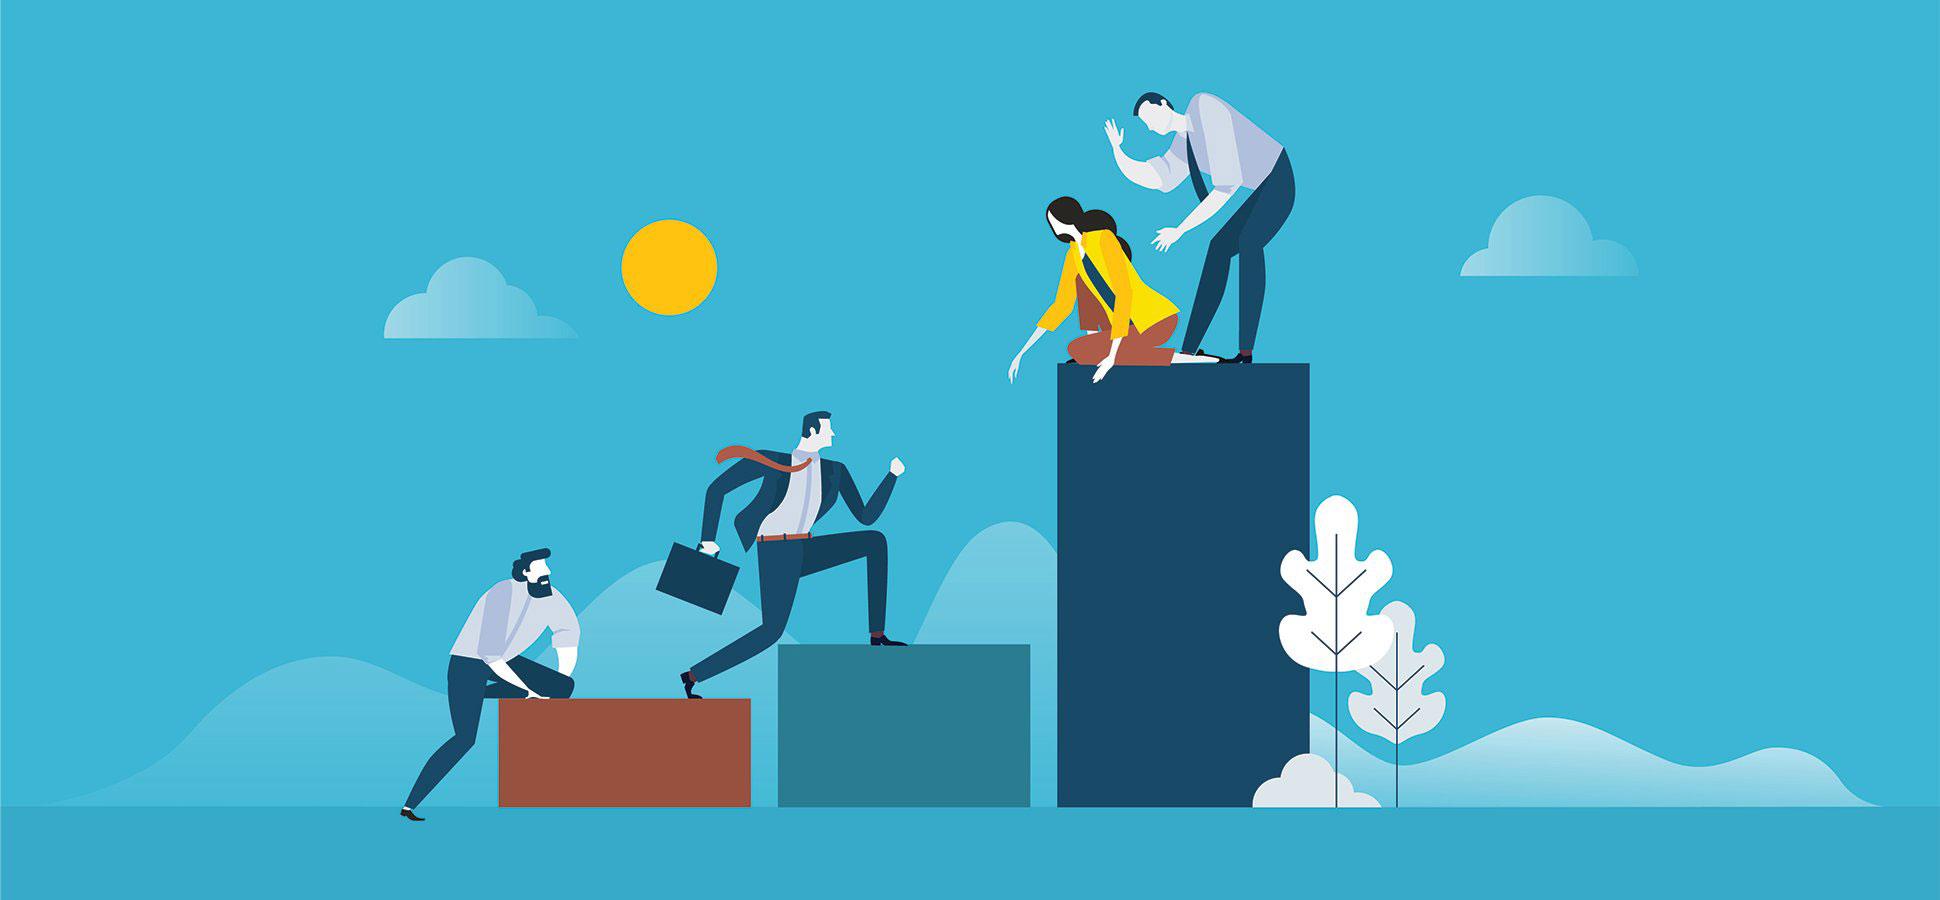 Làm thế nào để trở thành nhà lãnh đạo thu hút? - Munkas Agency